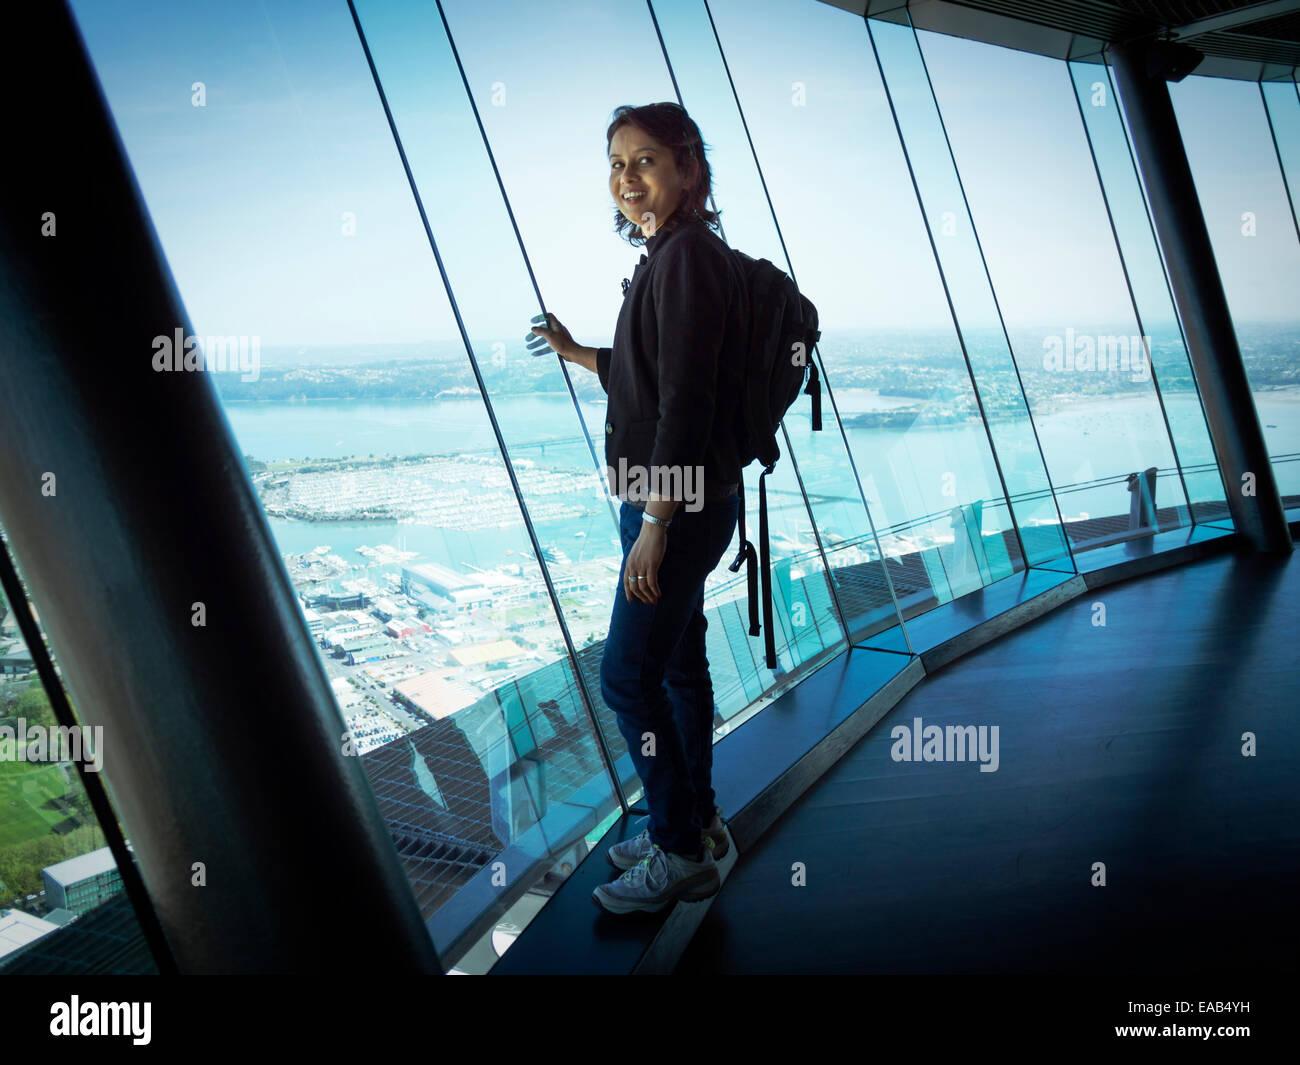 Mr No scheinbare Fotografie oder PR Beschränkungen der Skytower Website oder Ticket. Stockfoto